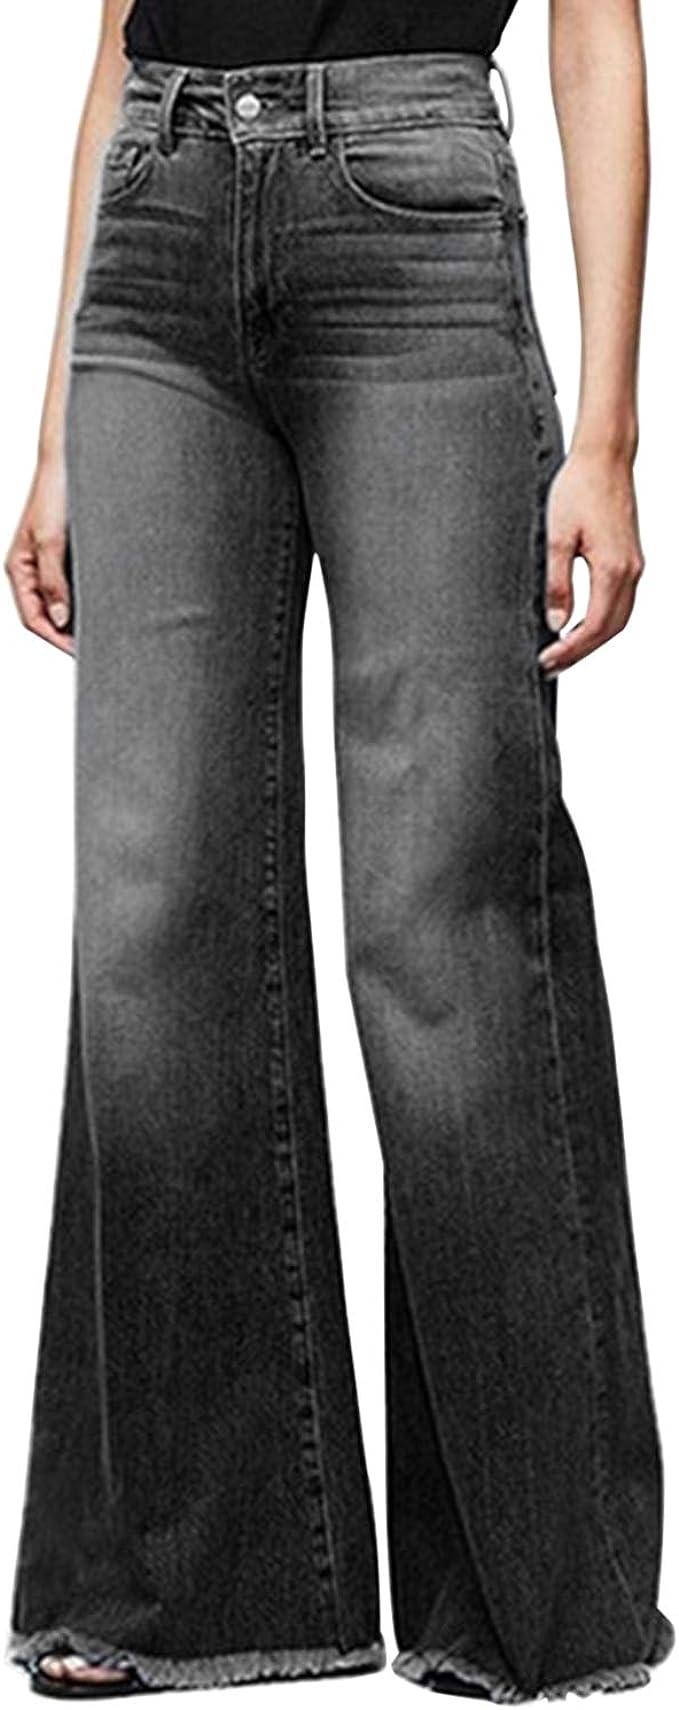 Pantalones Vaqueros Acampanados De Talle Alto De Pierna Ancha De Las Mujeres Retro Bootcut Raw Hem Denim Pants Amazon Es Ropa Y Accesorios